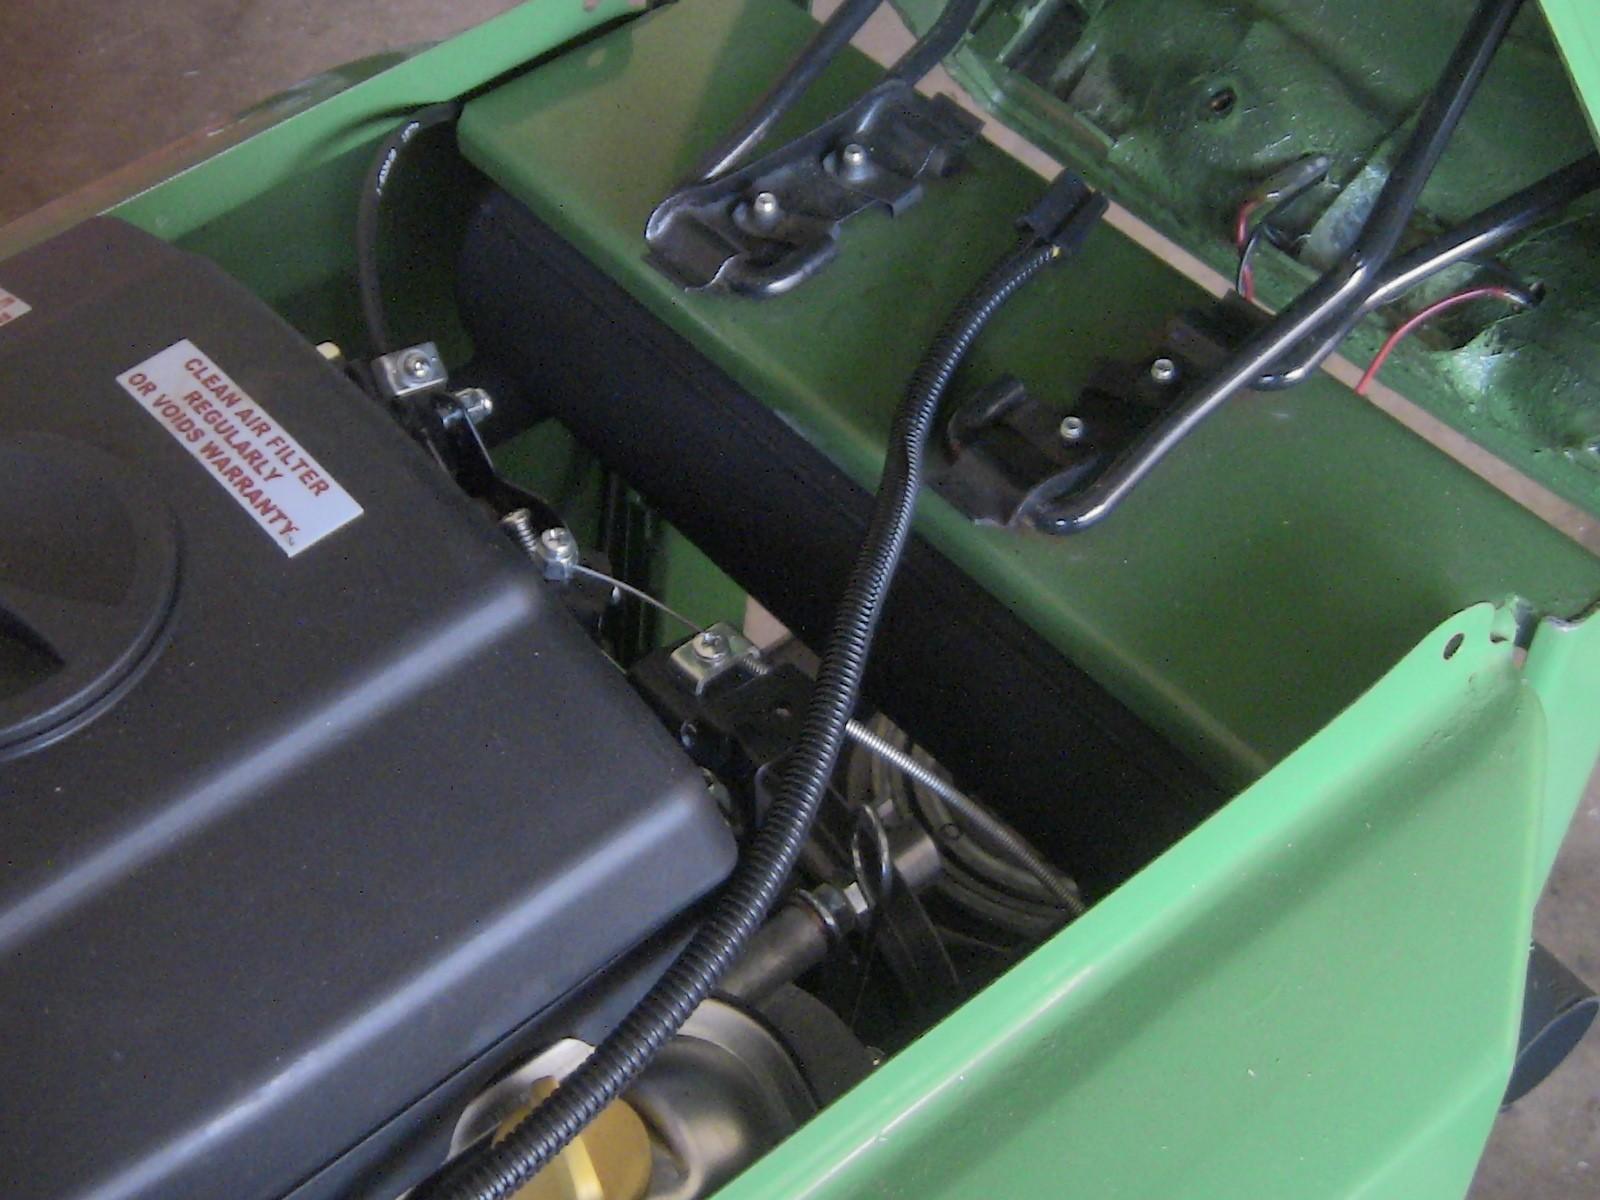 420 Predator Engine Wiring Schematic Up Grading My 318 to A Predator Of 420 Predator Engine Wiring Schematic